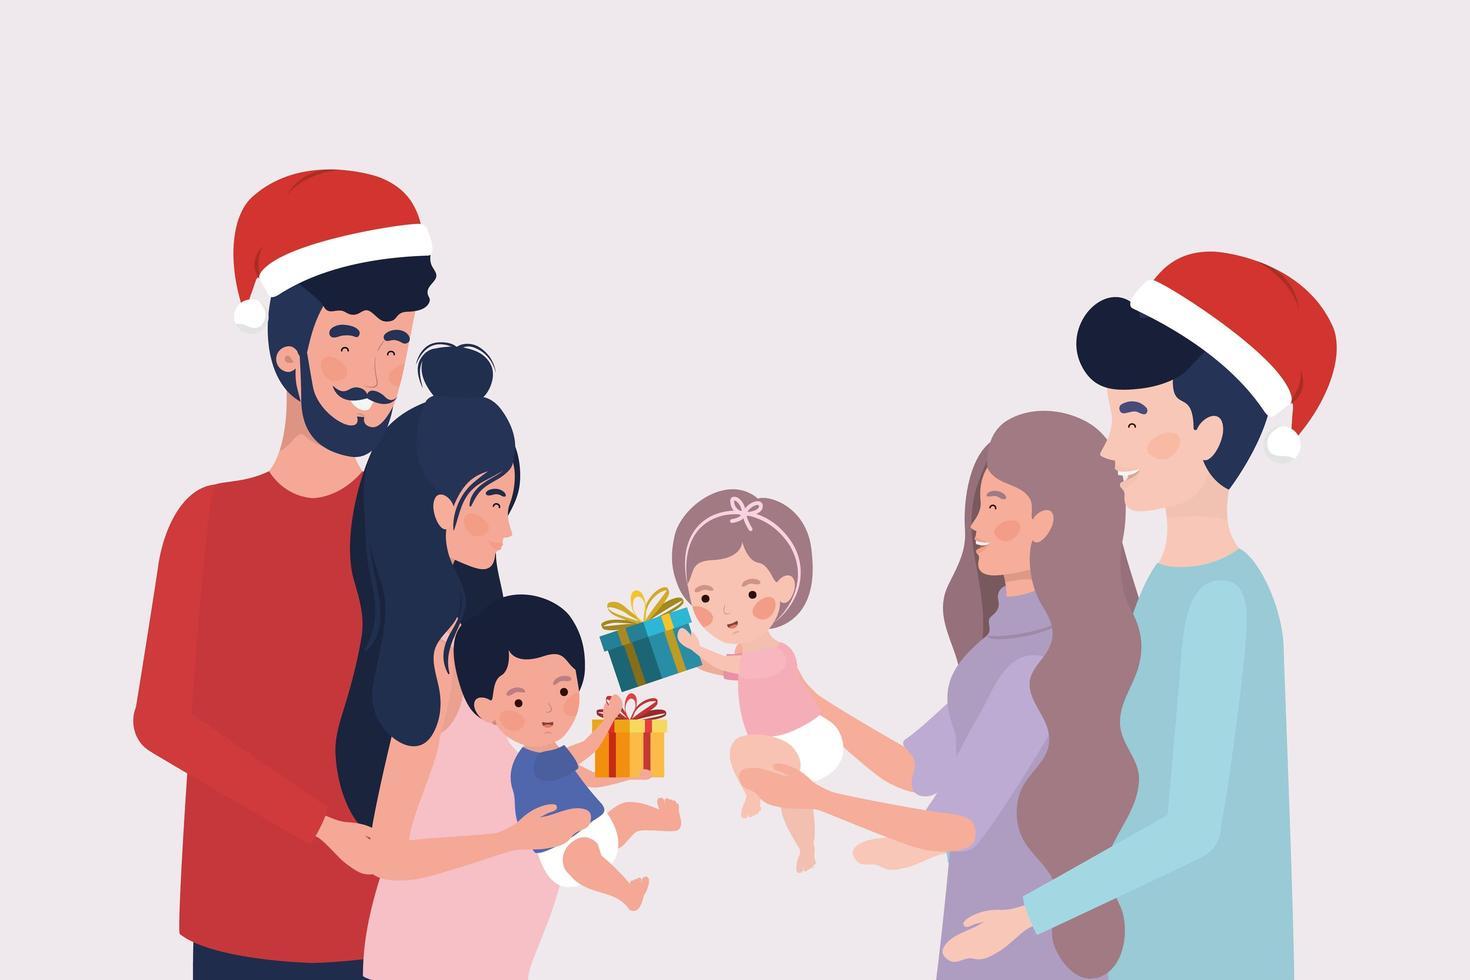 miembros de la familia con celebración de regalos de navidad vector